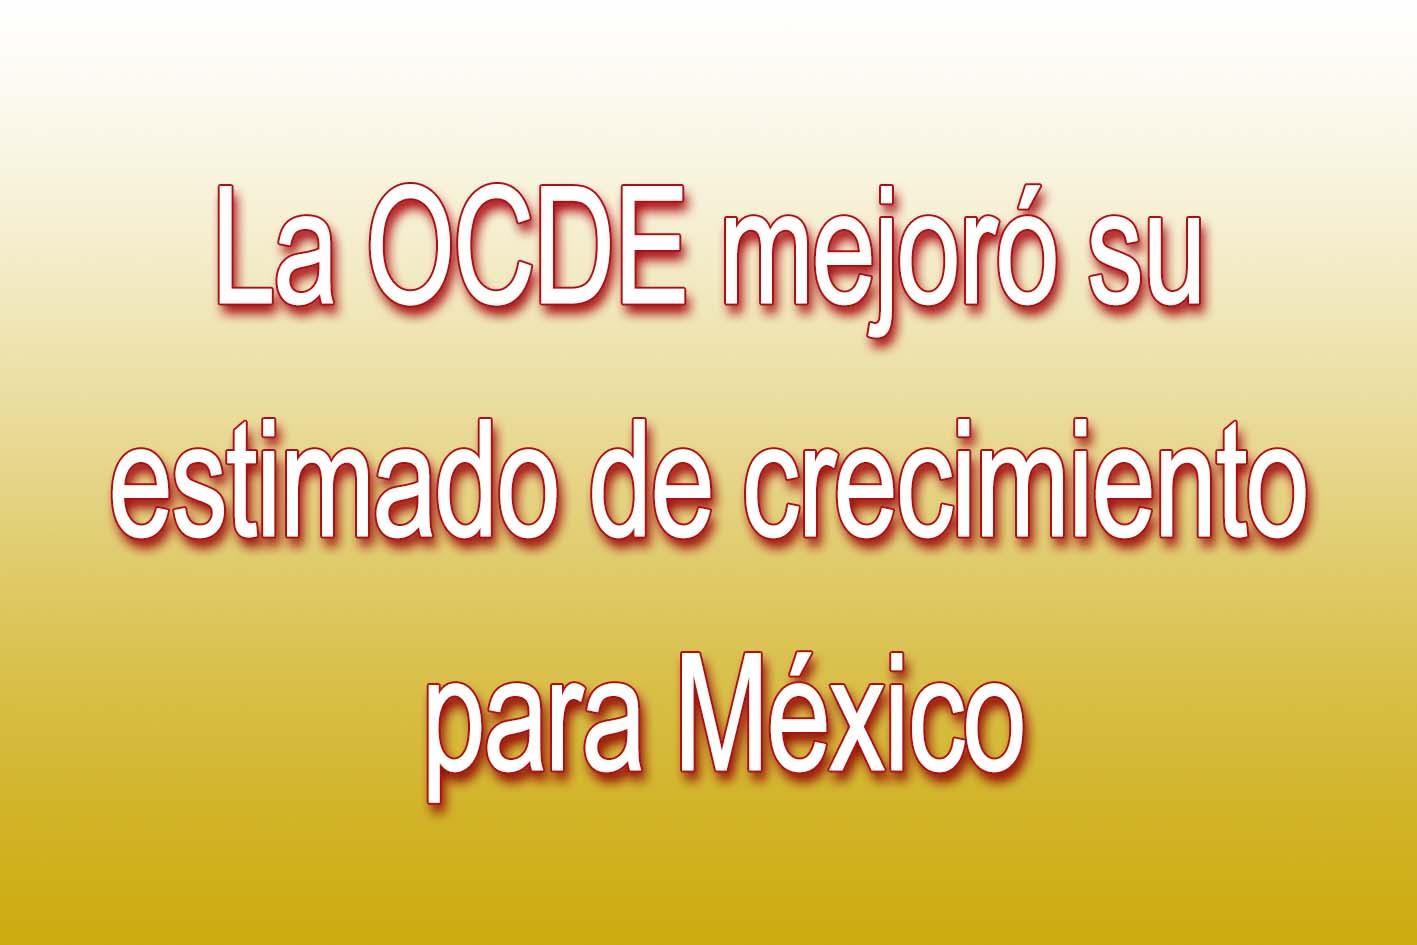 Photo of La OCDE mejoró su estimado de crecimiento para México